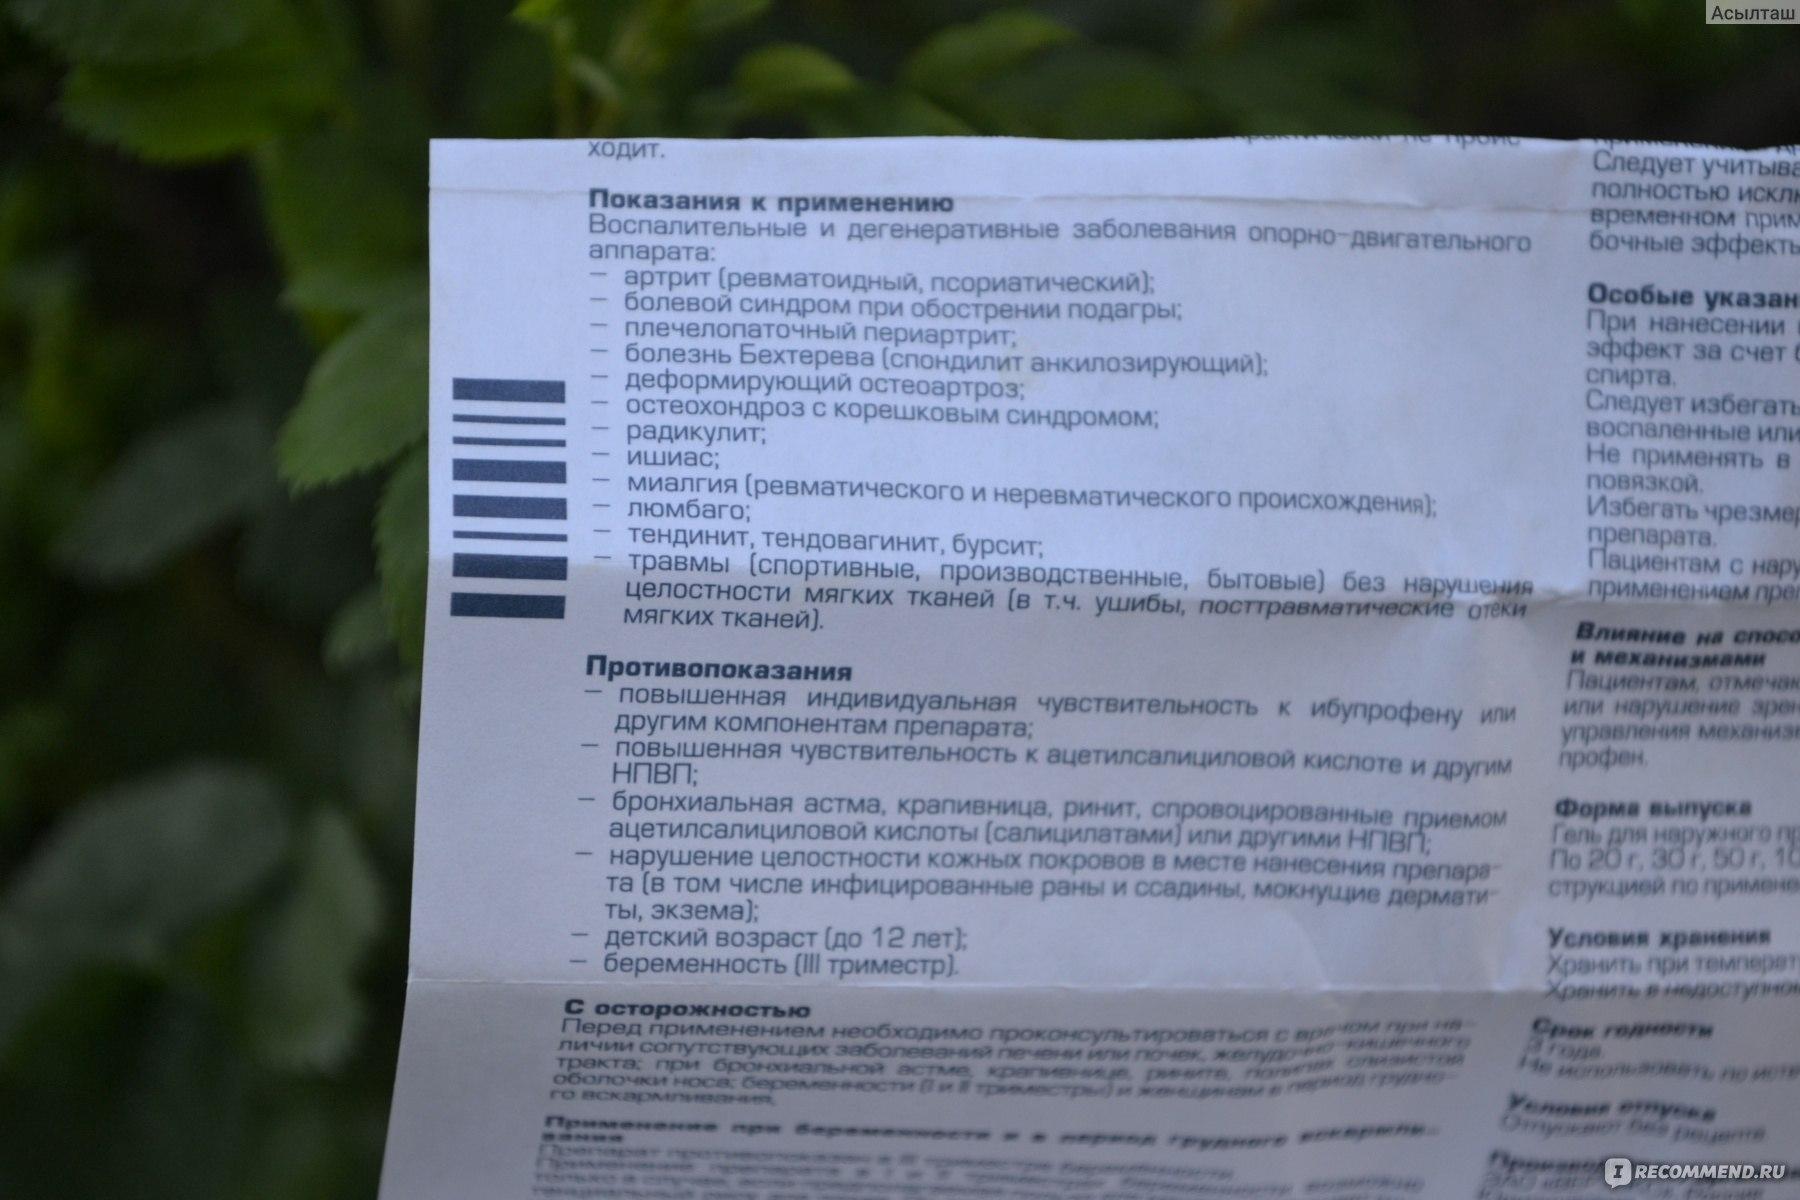 Гель Вертекс Ибупрофен 5% - «Гель Ибупрофен 5% от радикулита, при ...